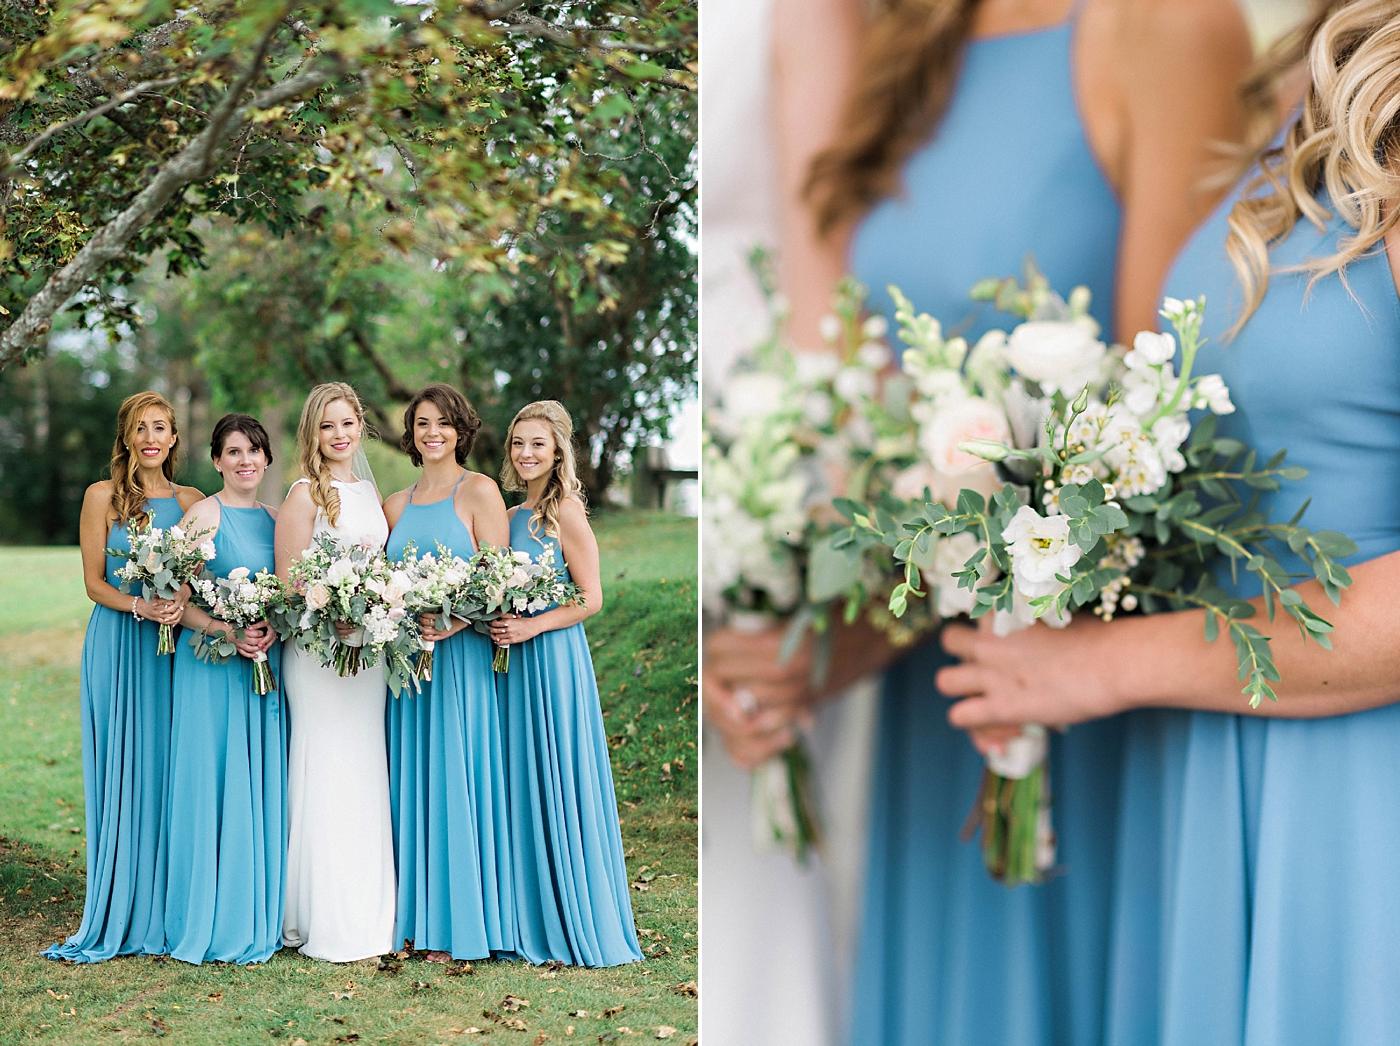 Halifax-Wedding-Photographer-New Brunswick Wedding- Nicolle & Ethan24.jpeg